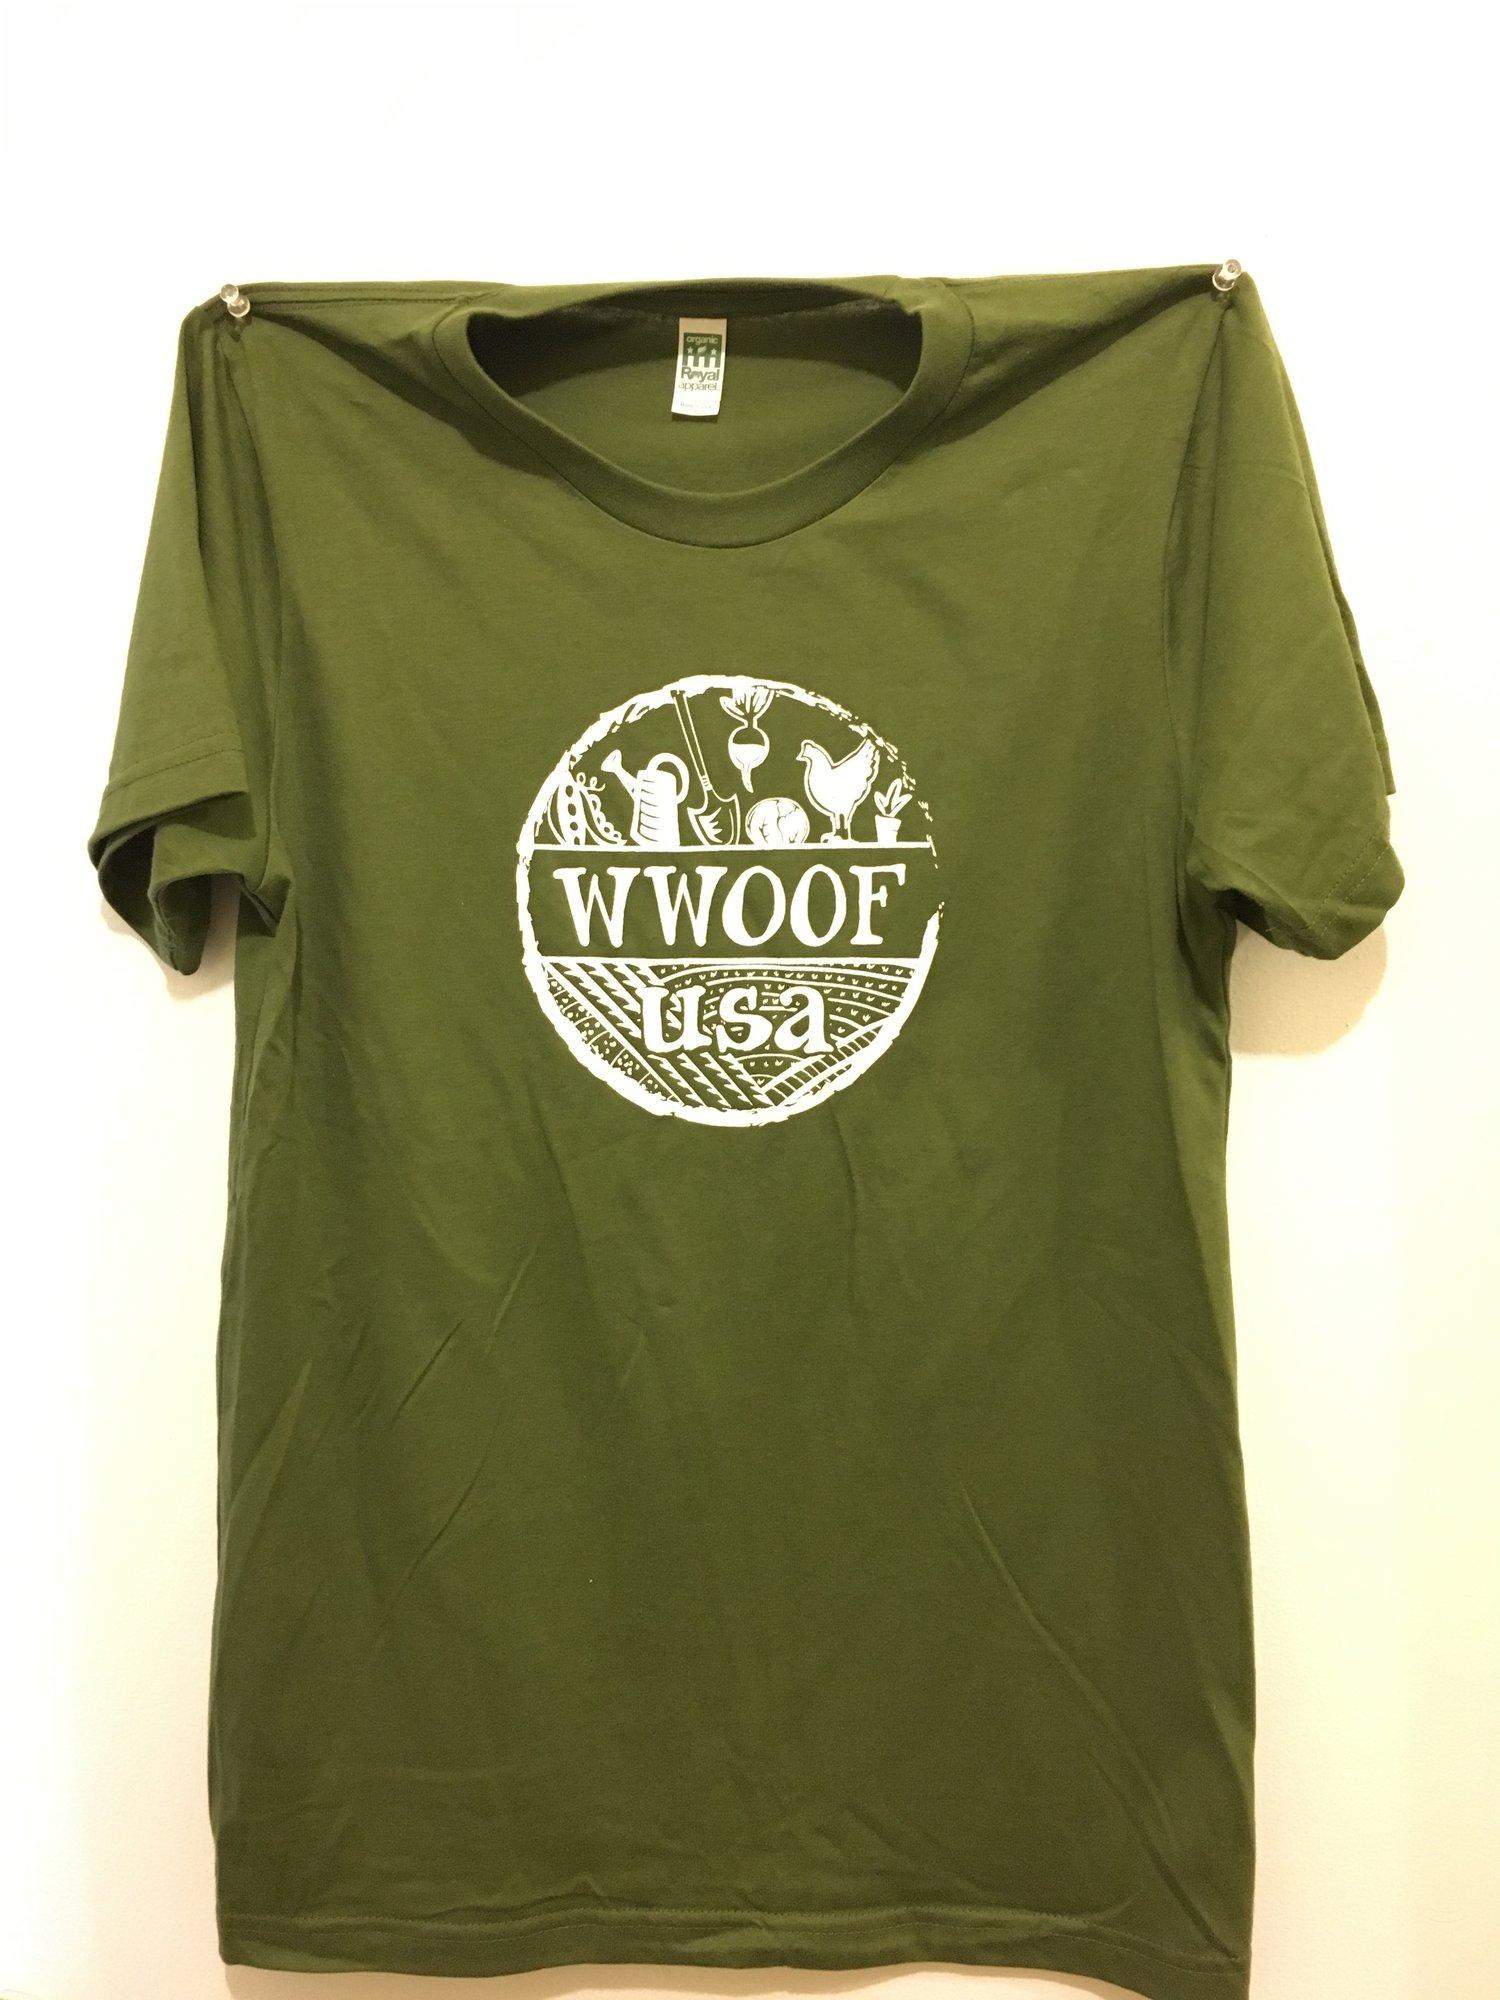 Image of WWOOF-USA Unisex T-shirt